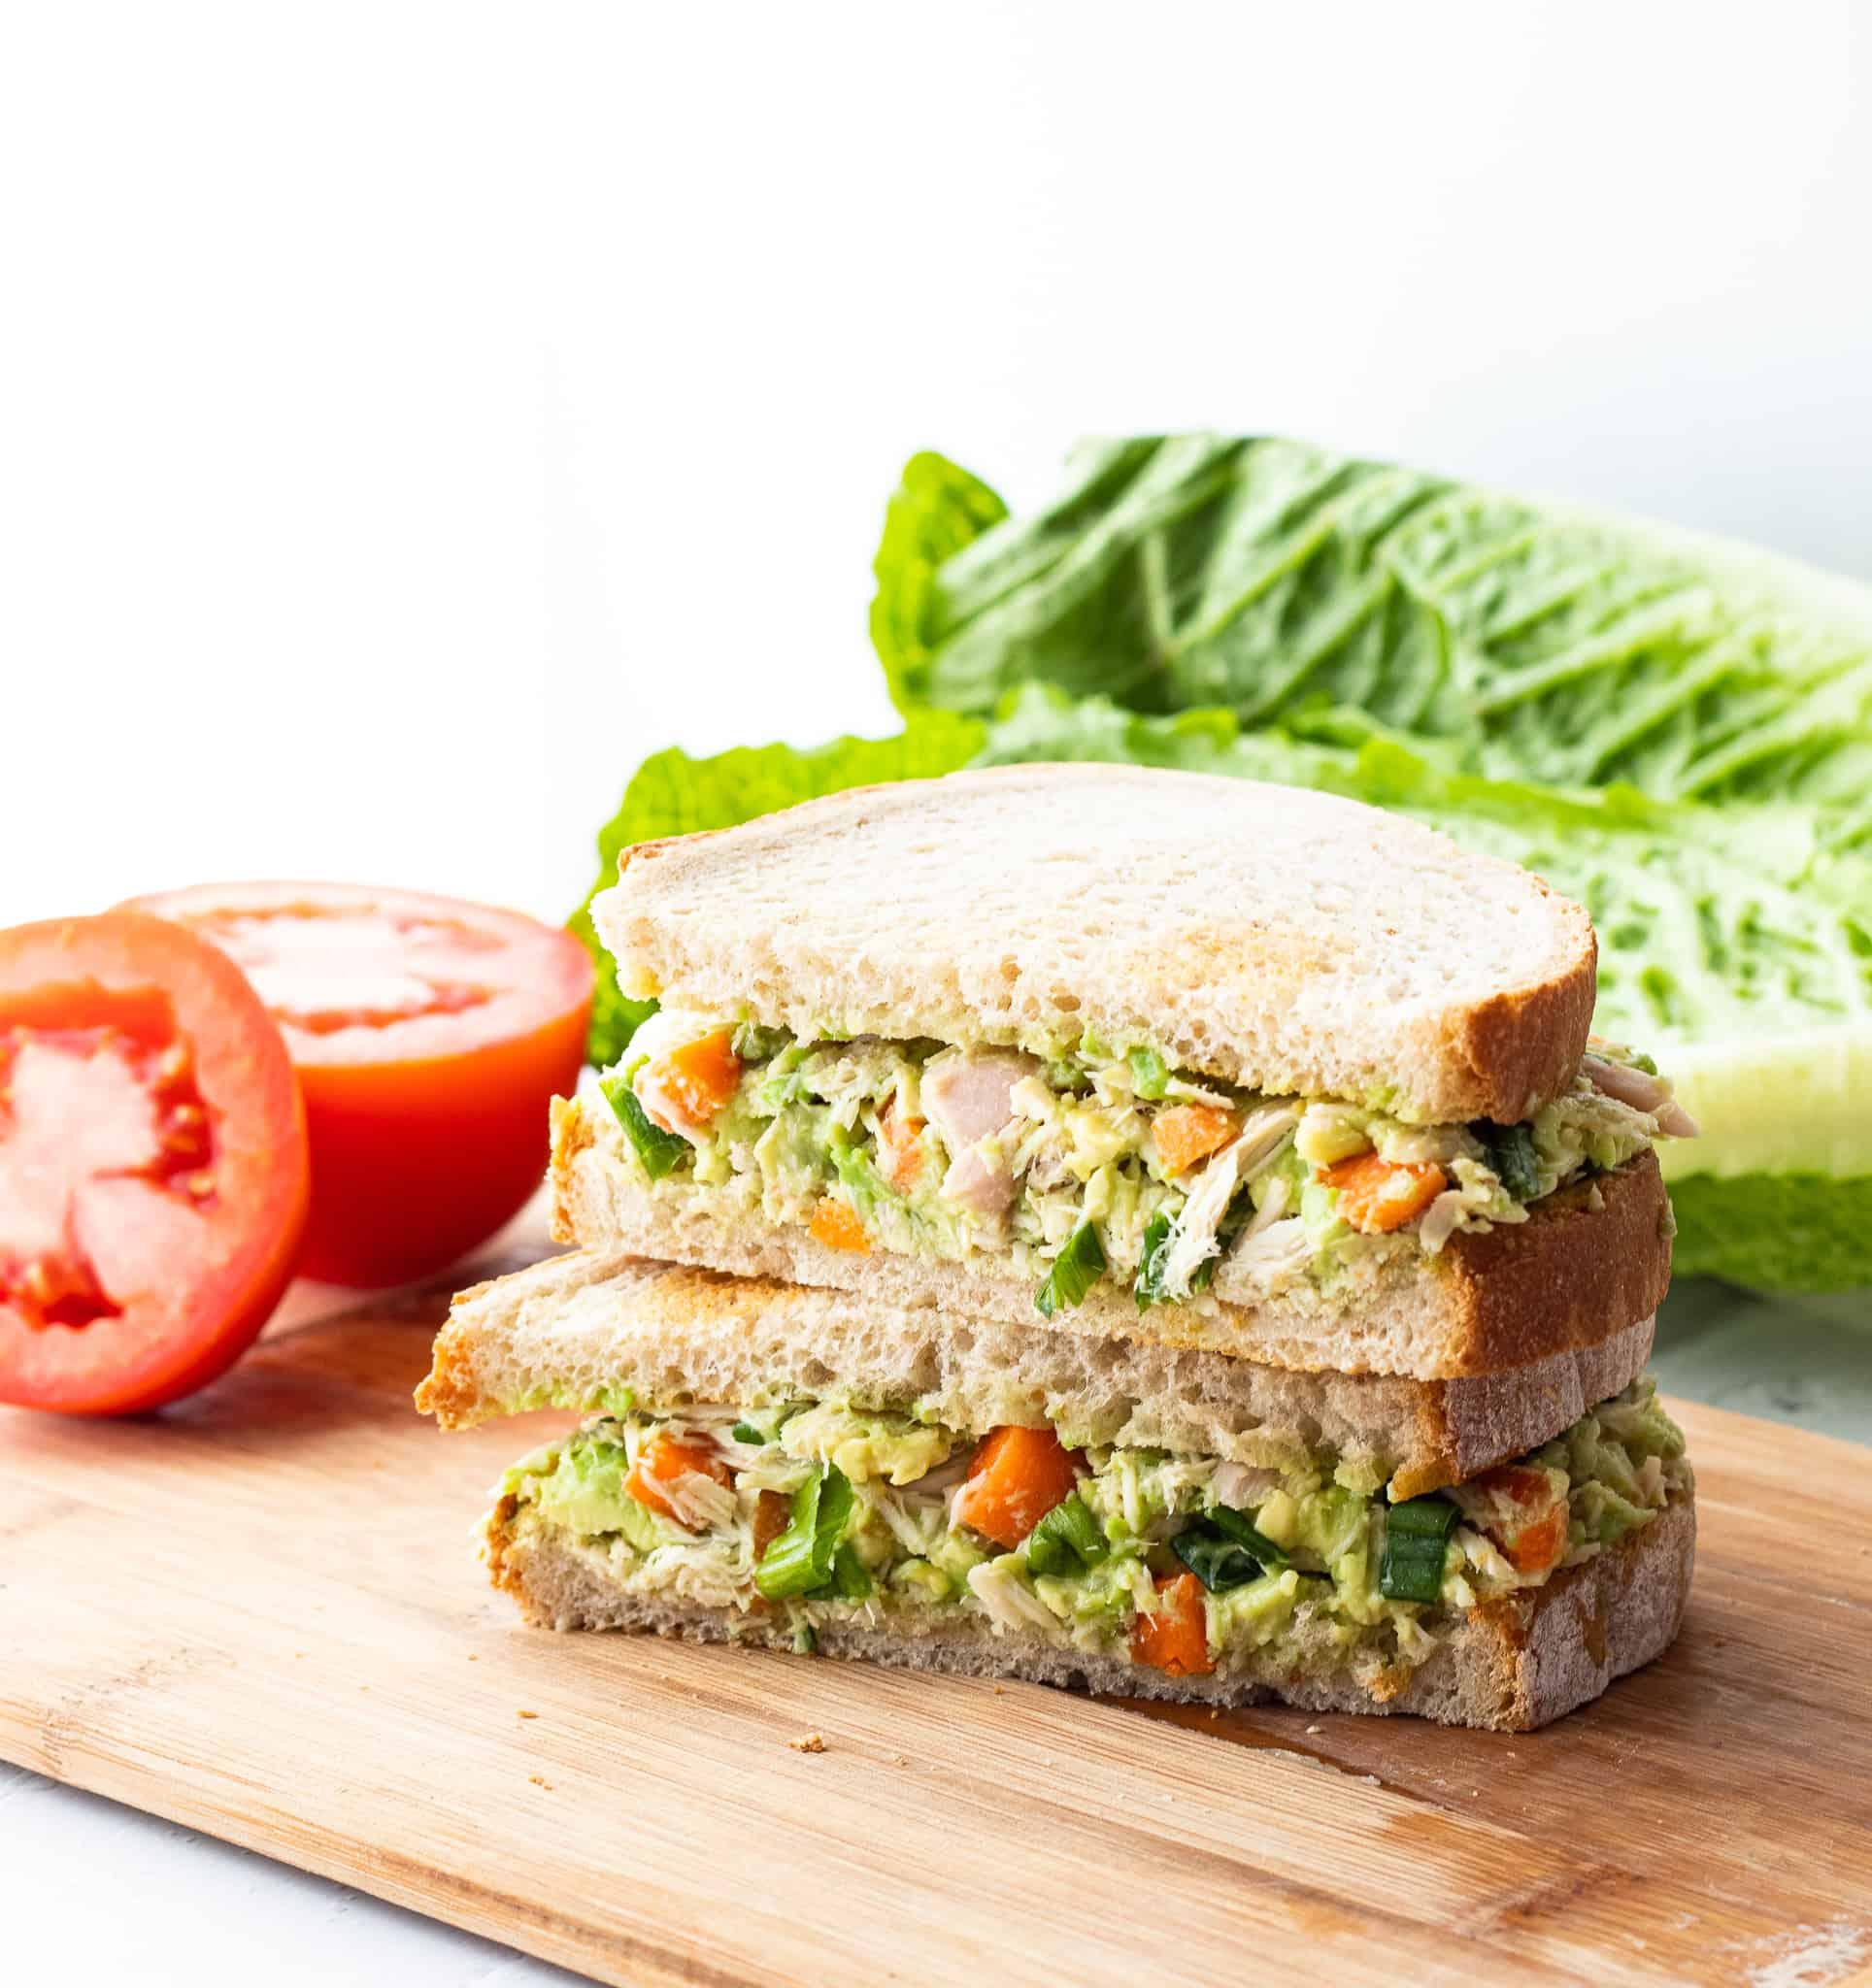 طريقة سهلة لتحضير ساندويشات التونة بالافوكادو